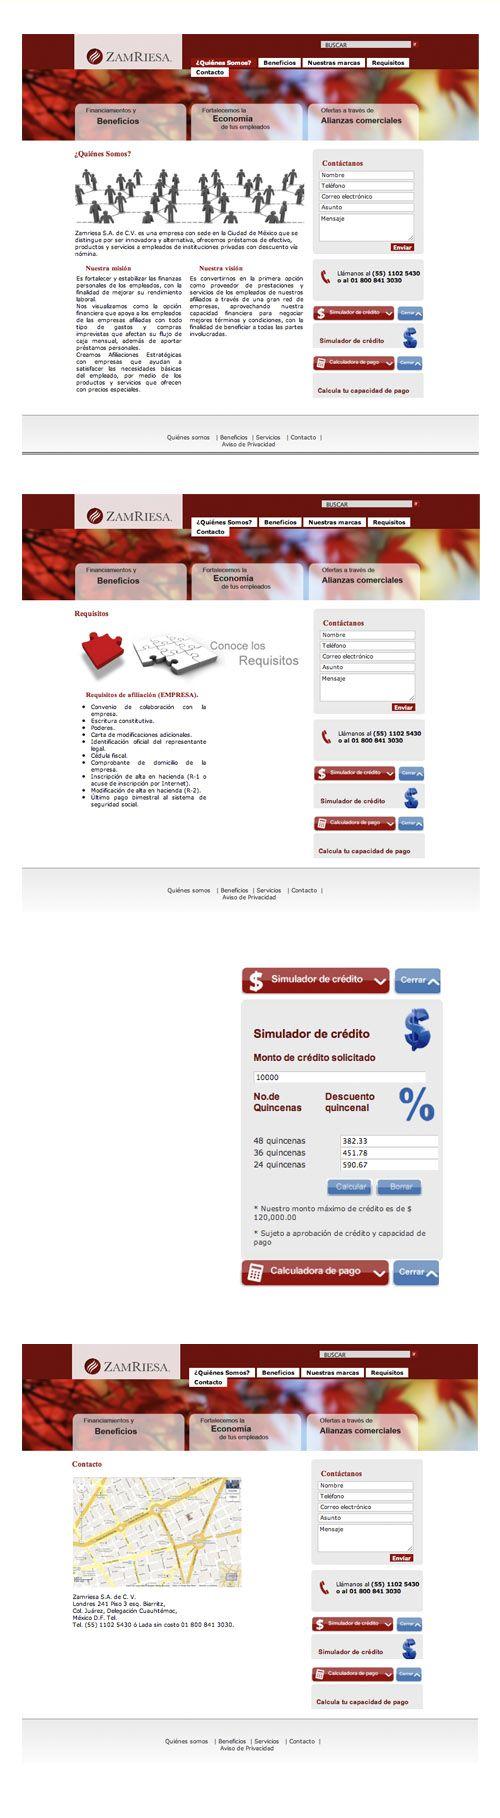 Diseño web para Zamriesa, donde se desarrolló un simulador de crédito y una calculadora de pago